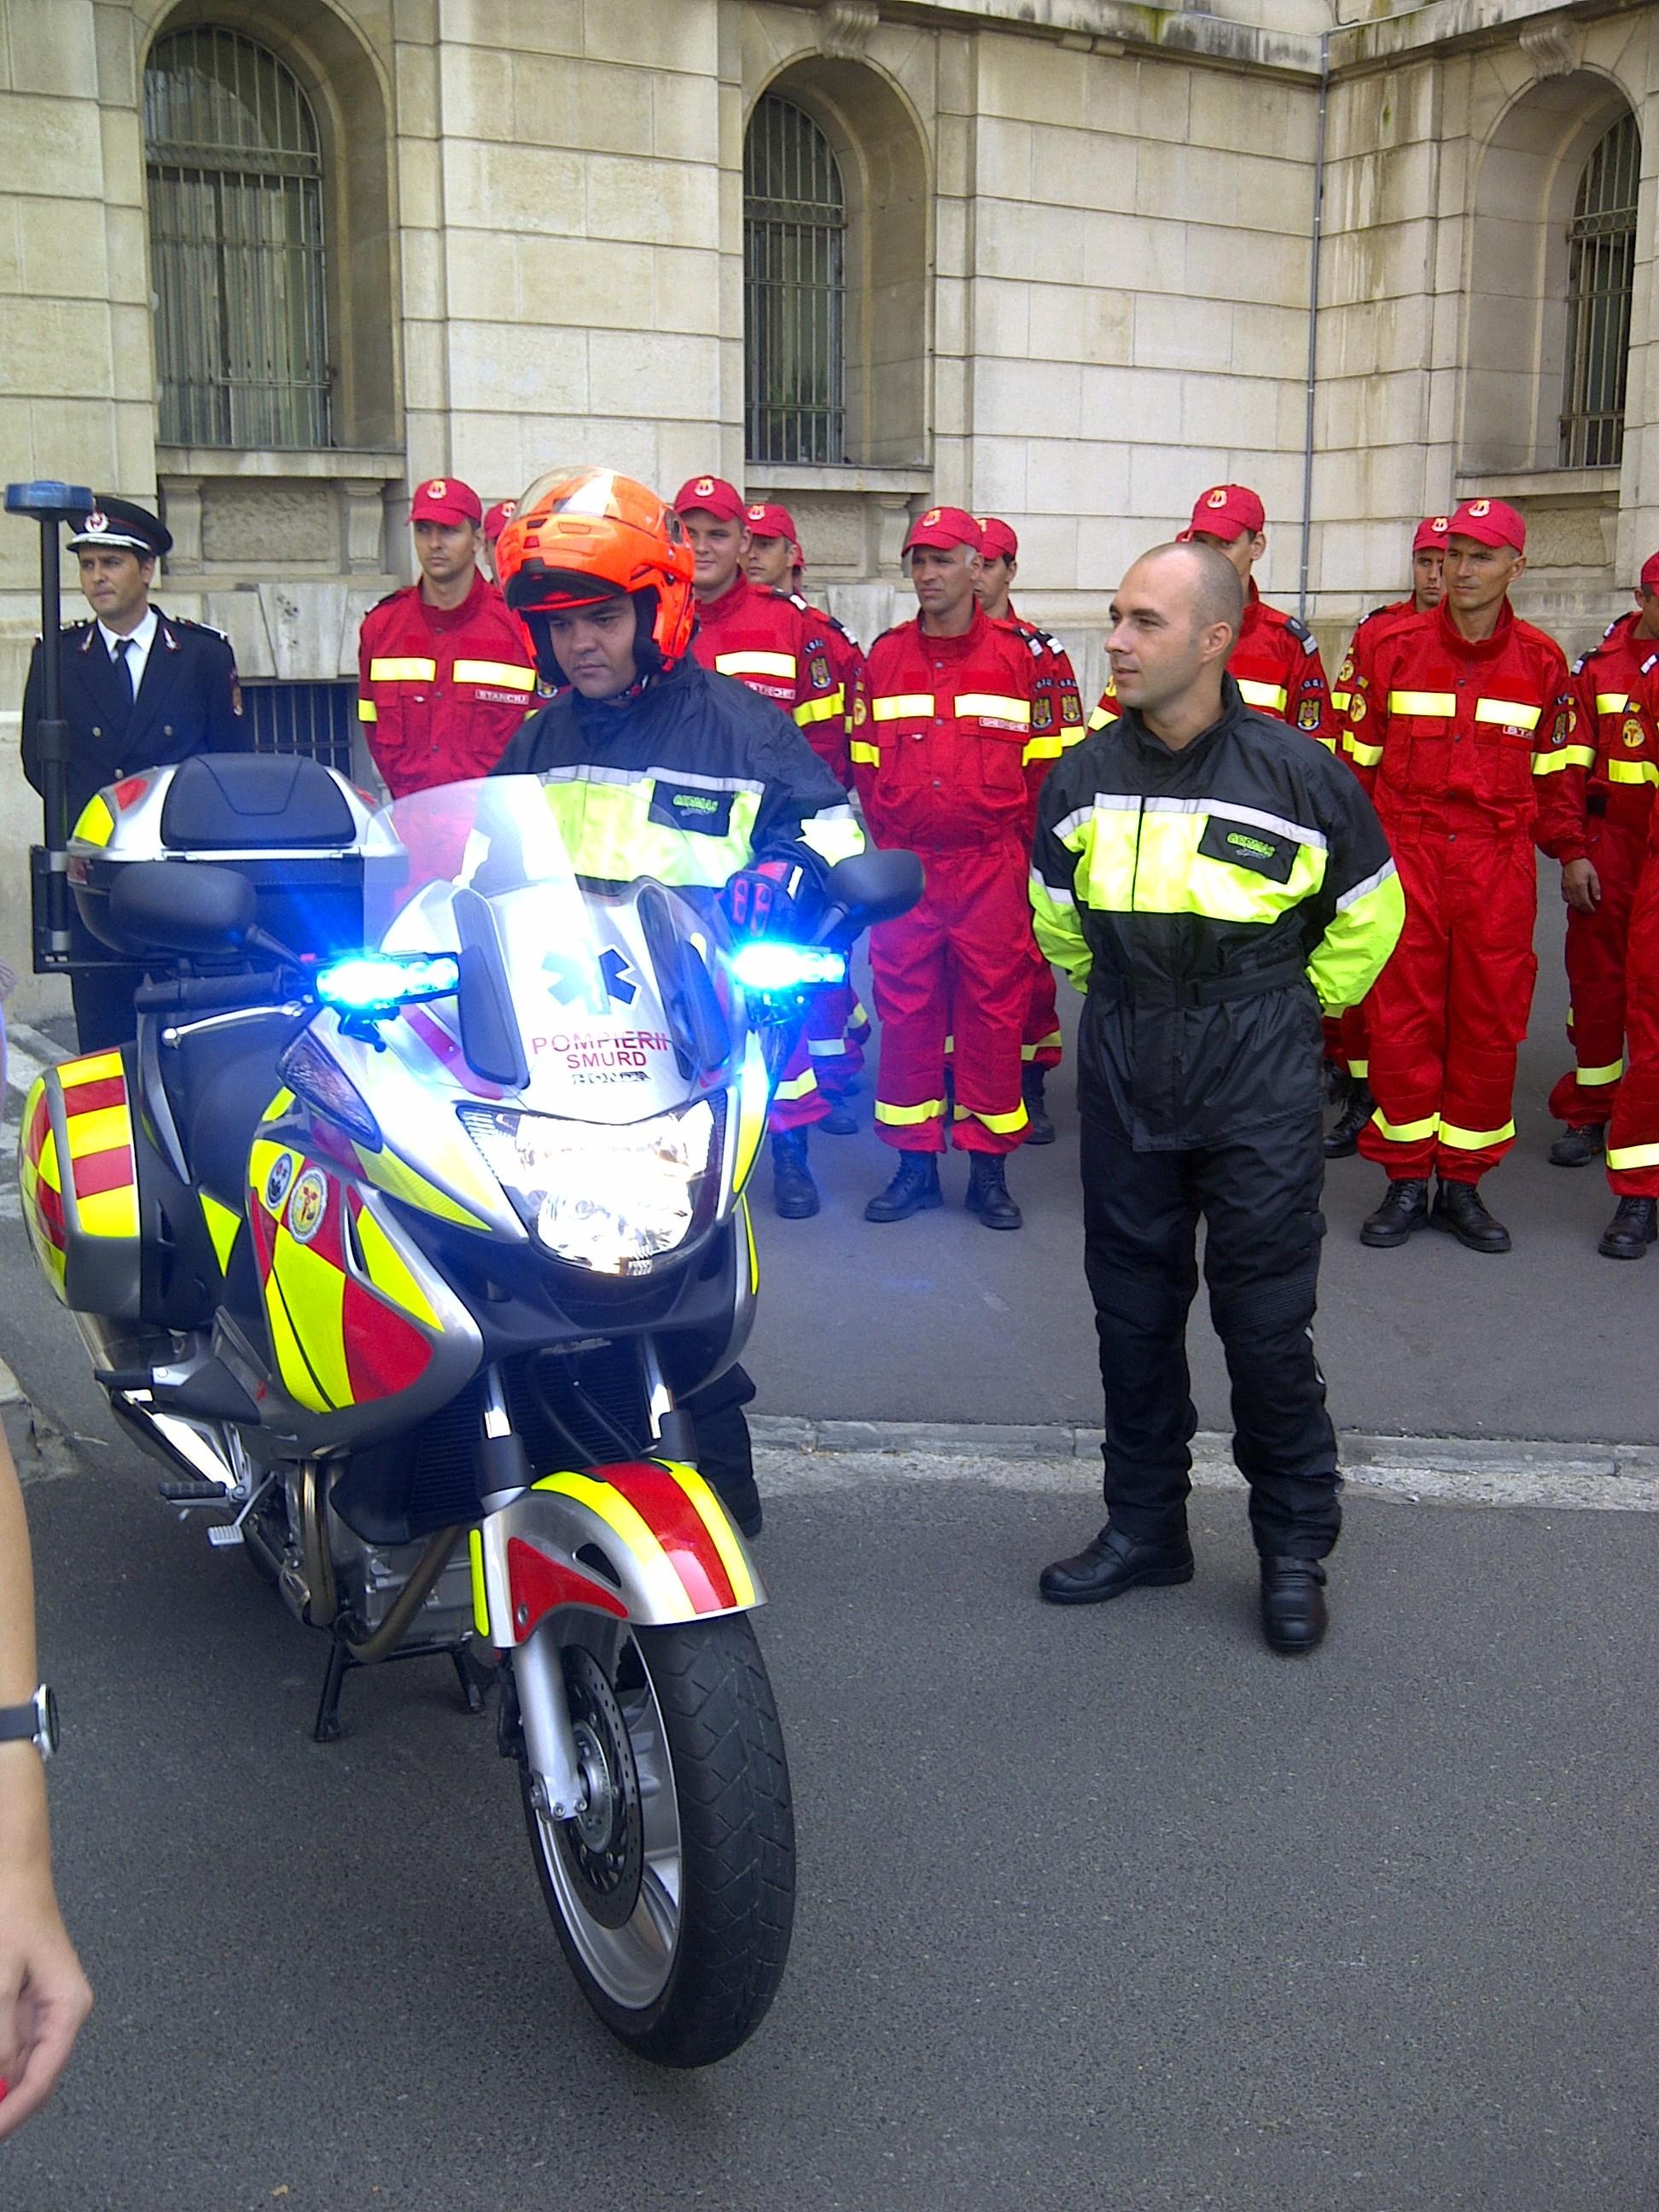 Imagini motociclete SMURD Bucuresti